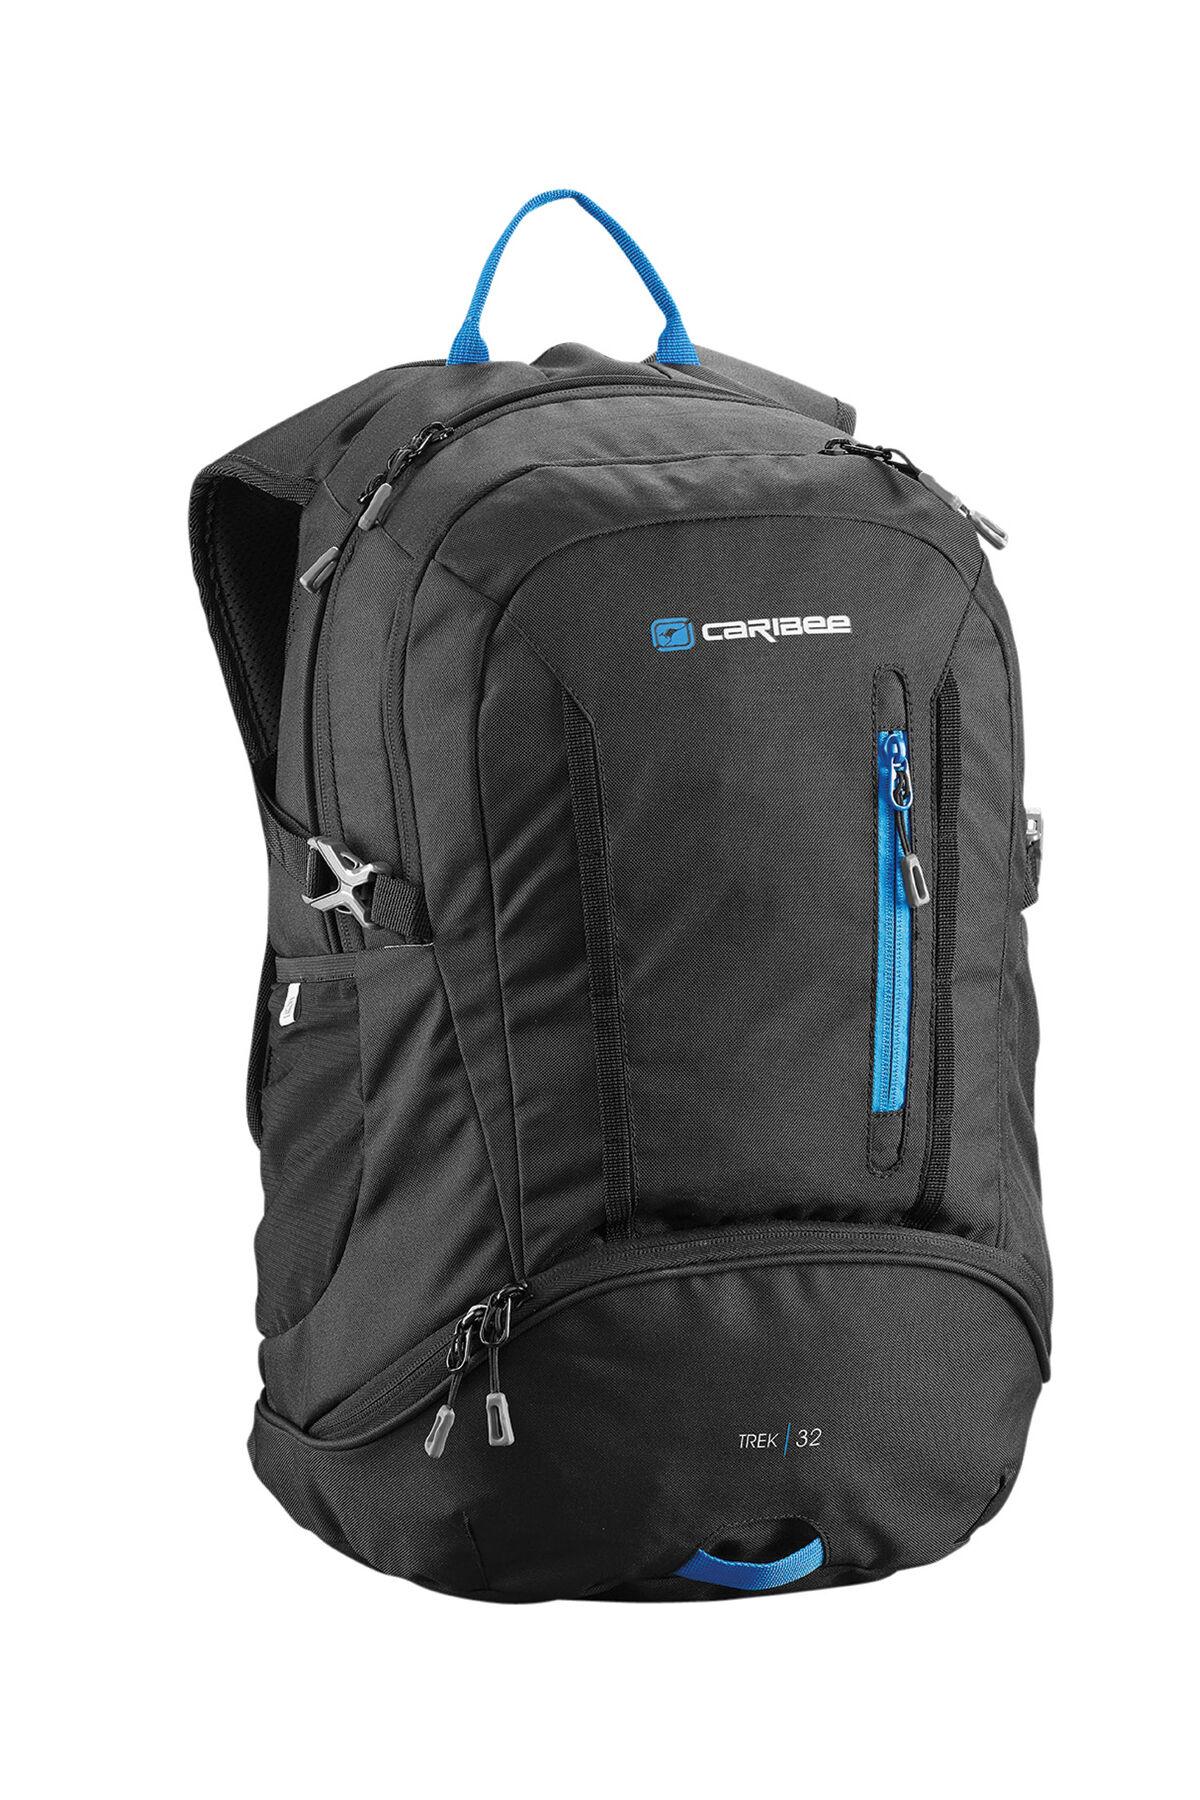 Caribee Trek 32LT Outoor Adventure Backpack Day Pack BLACK